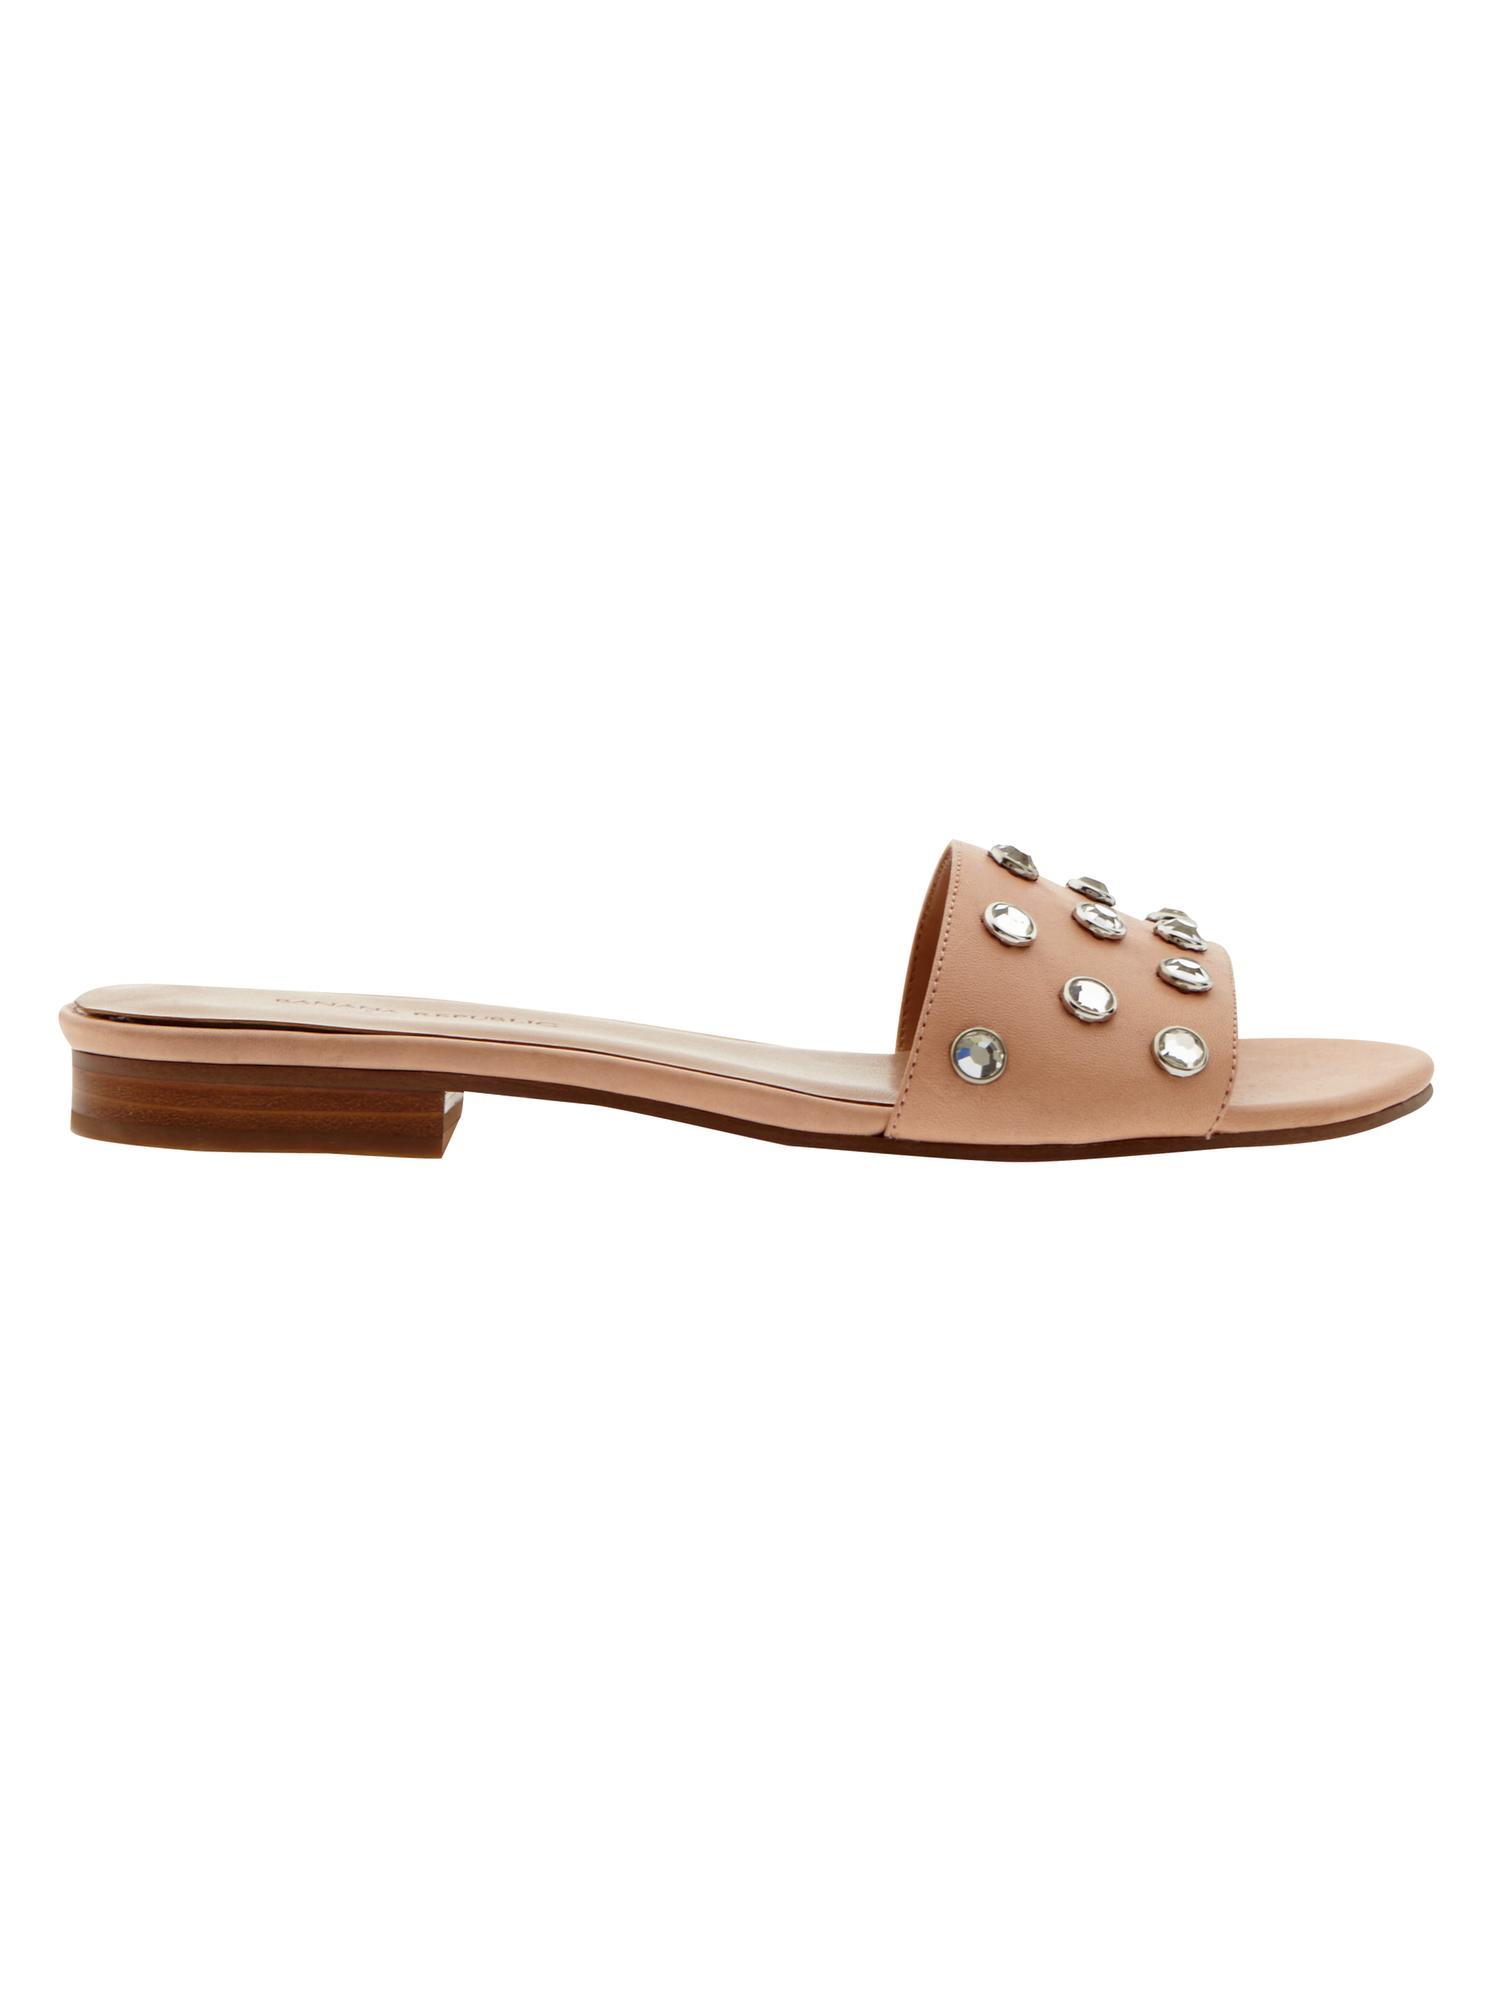 Lyst Banana Republic Olena Embellished Slide Sandal In Brown